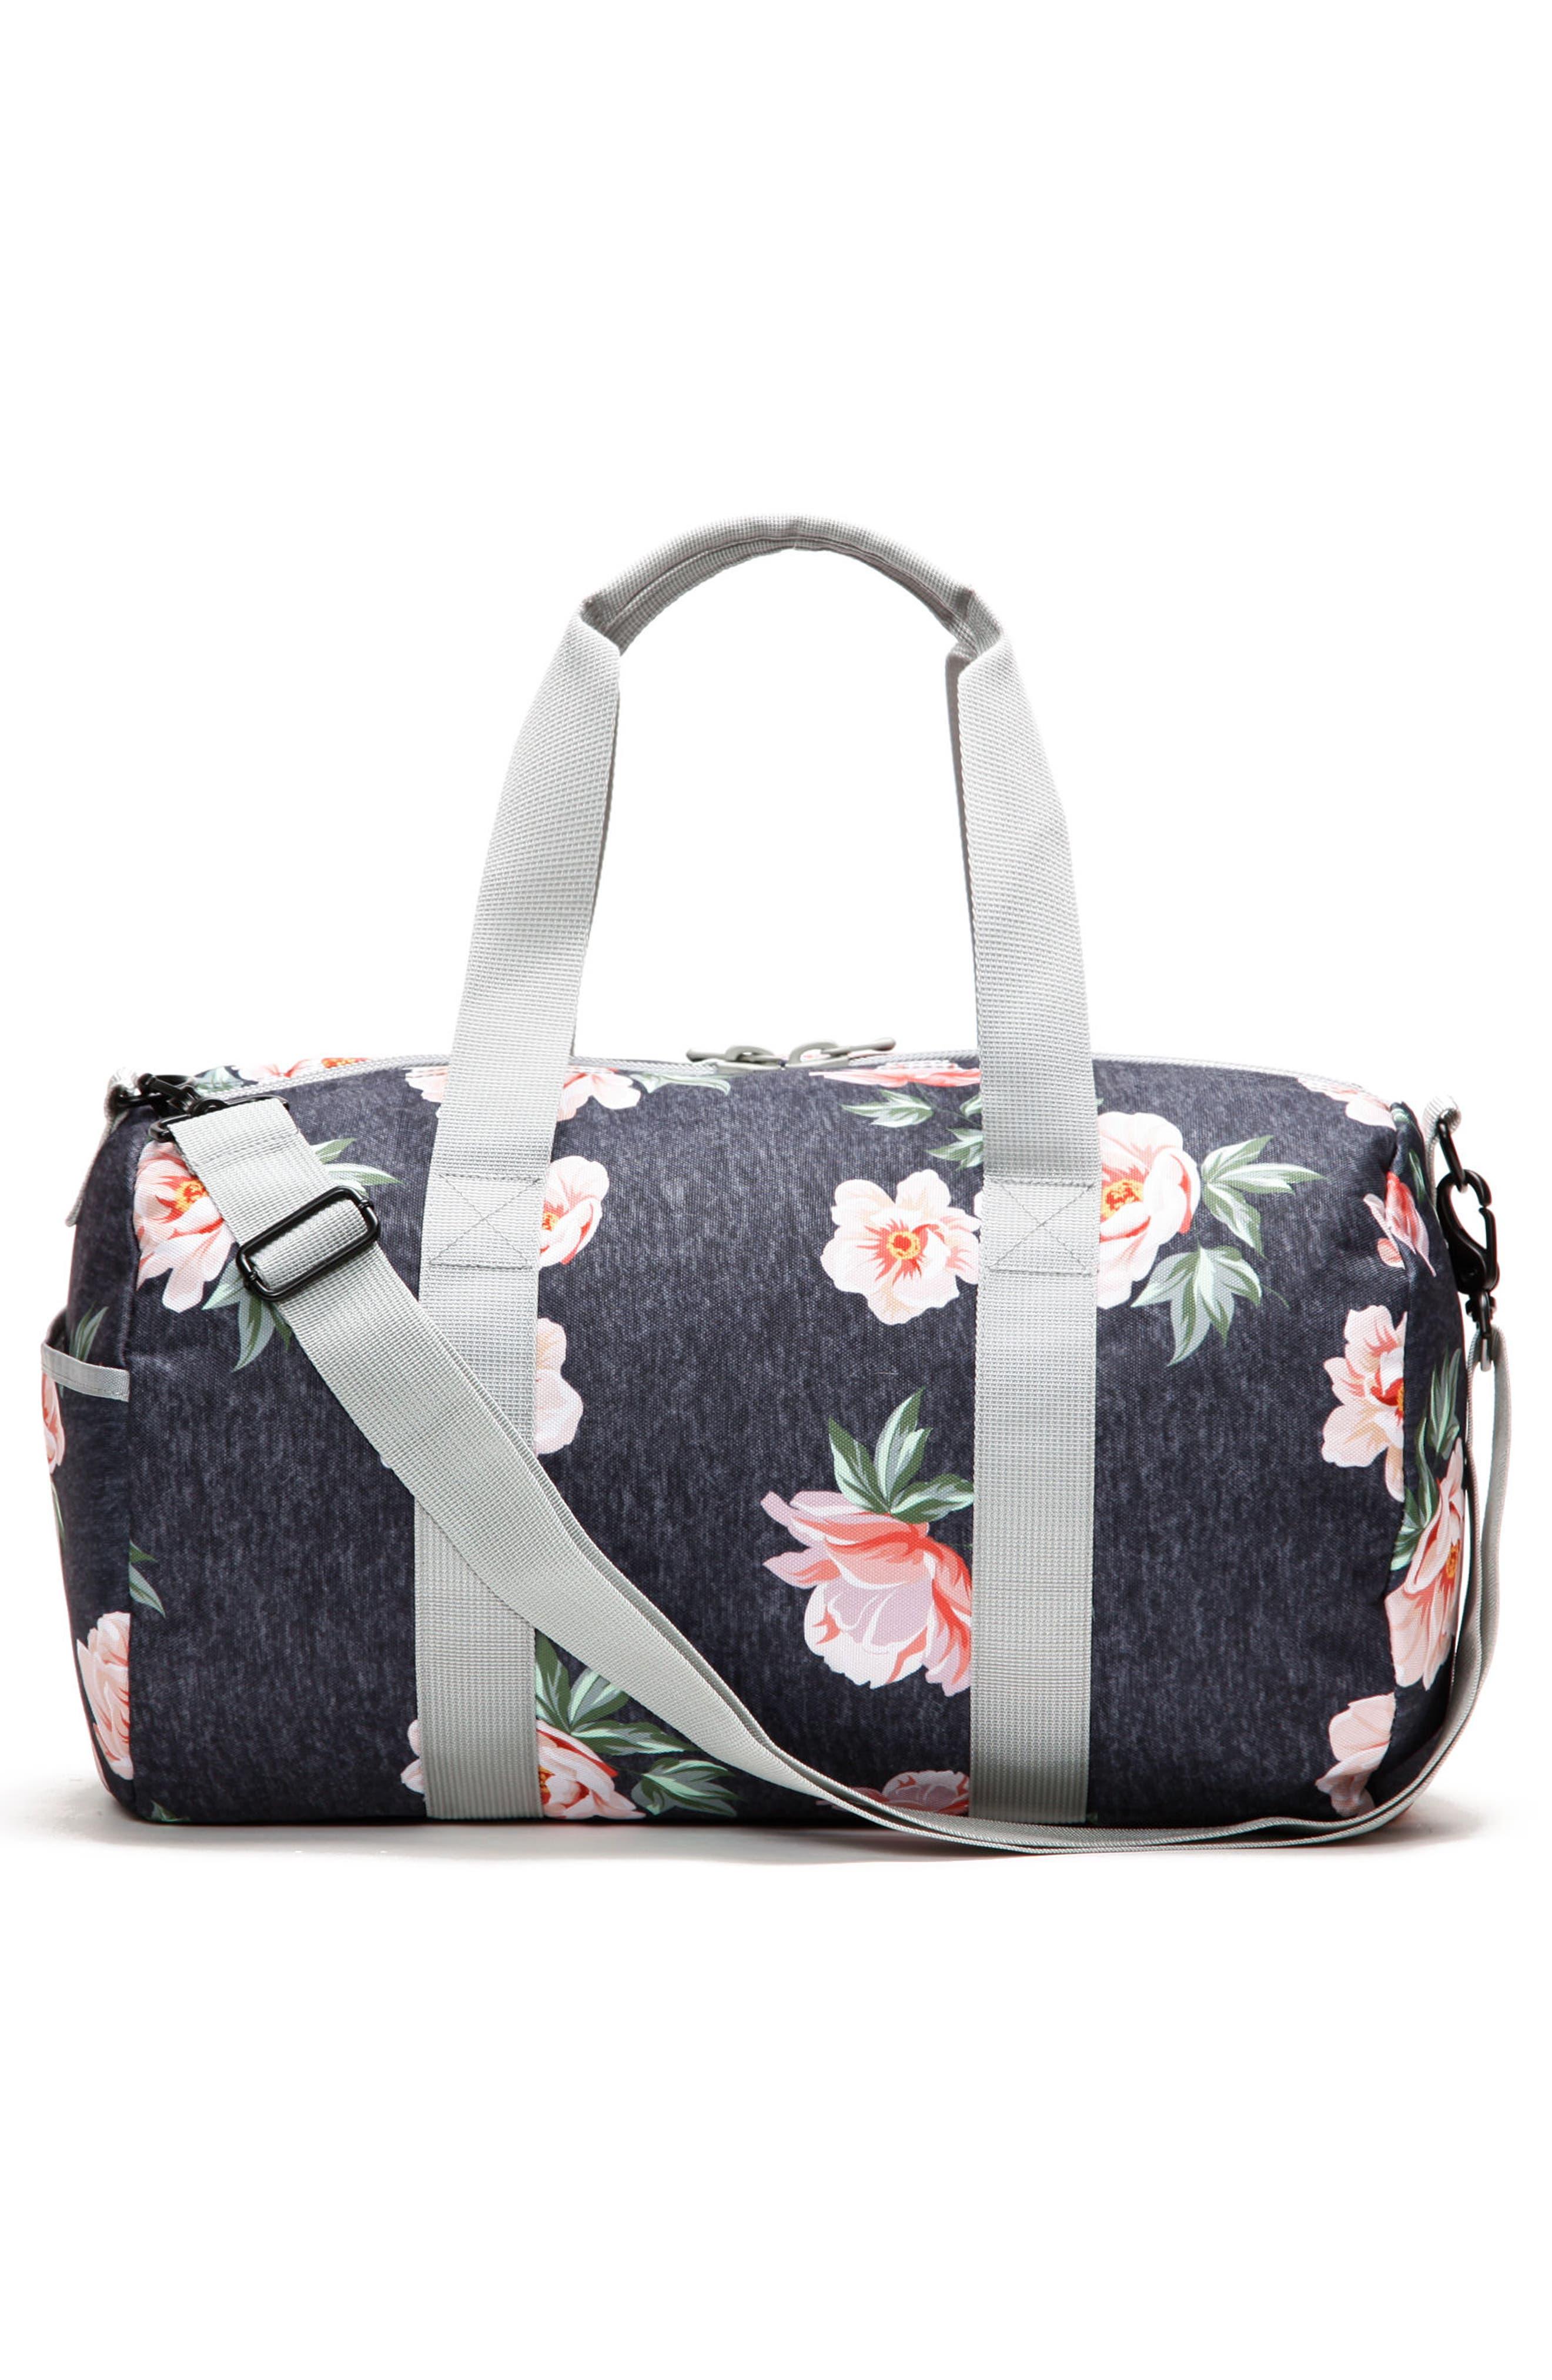 Roadie Small Duffel Bag,                             Alternate thumbnail 3, color,                             Rose Navy